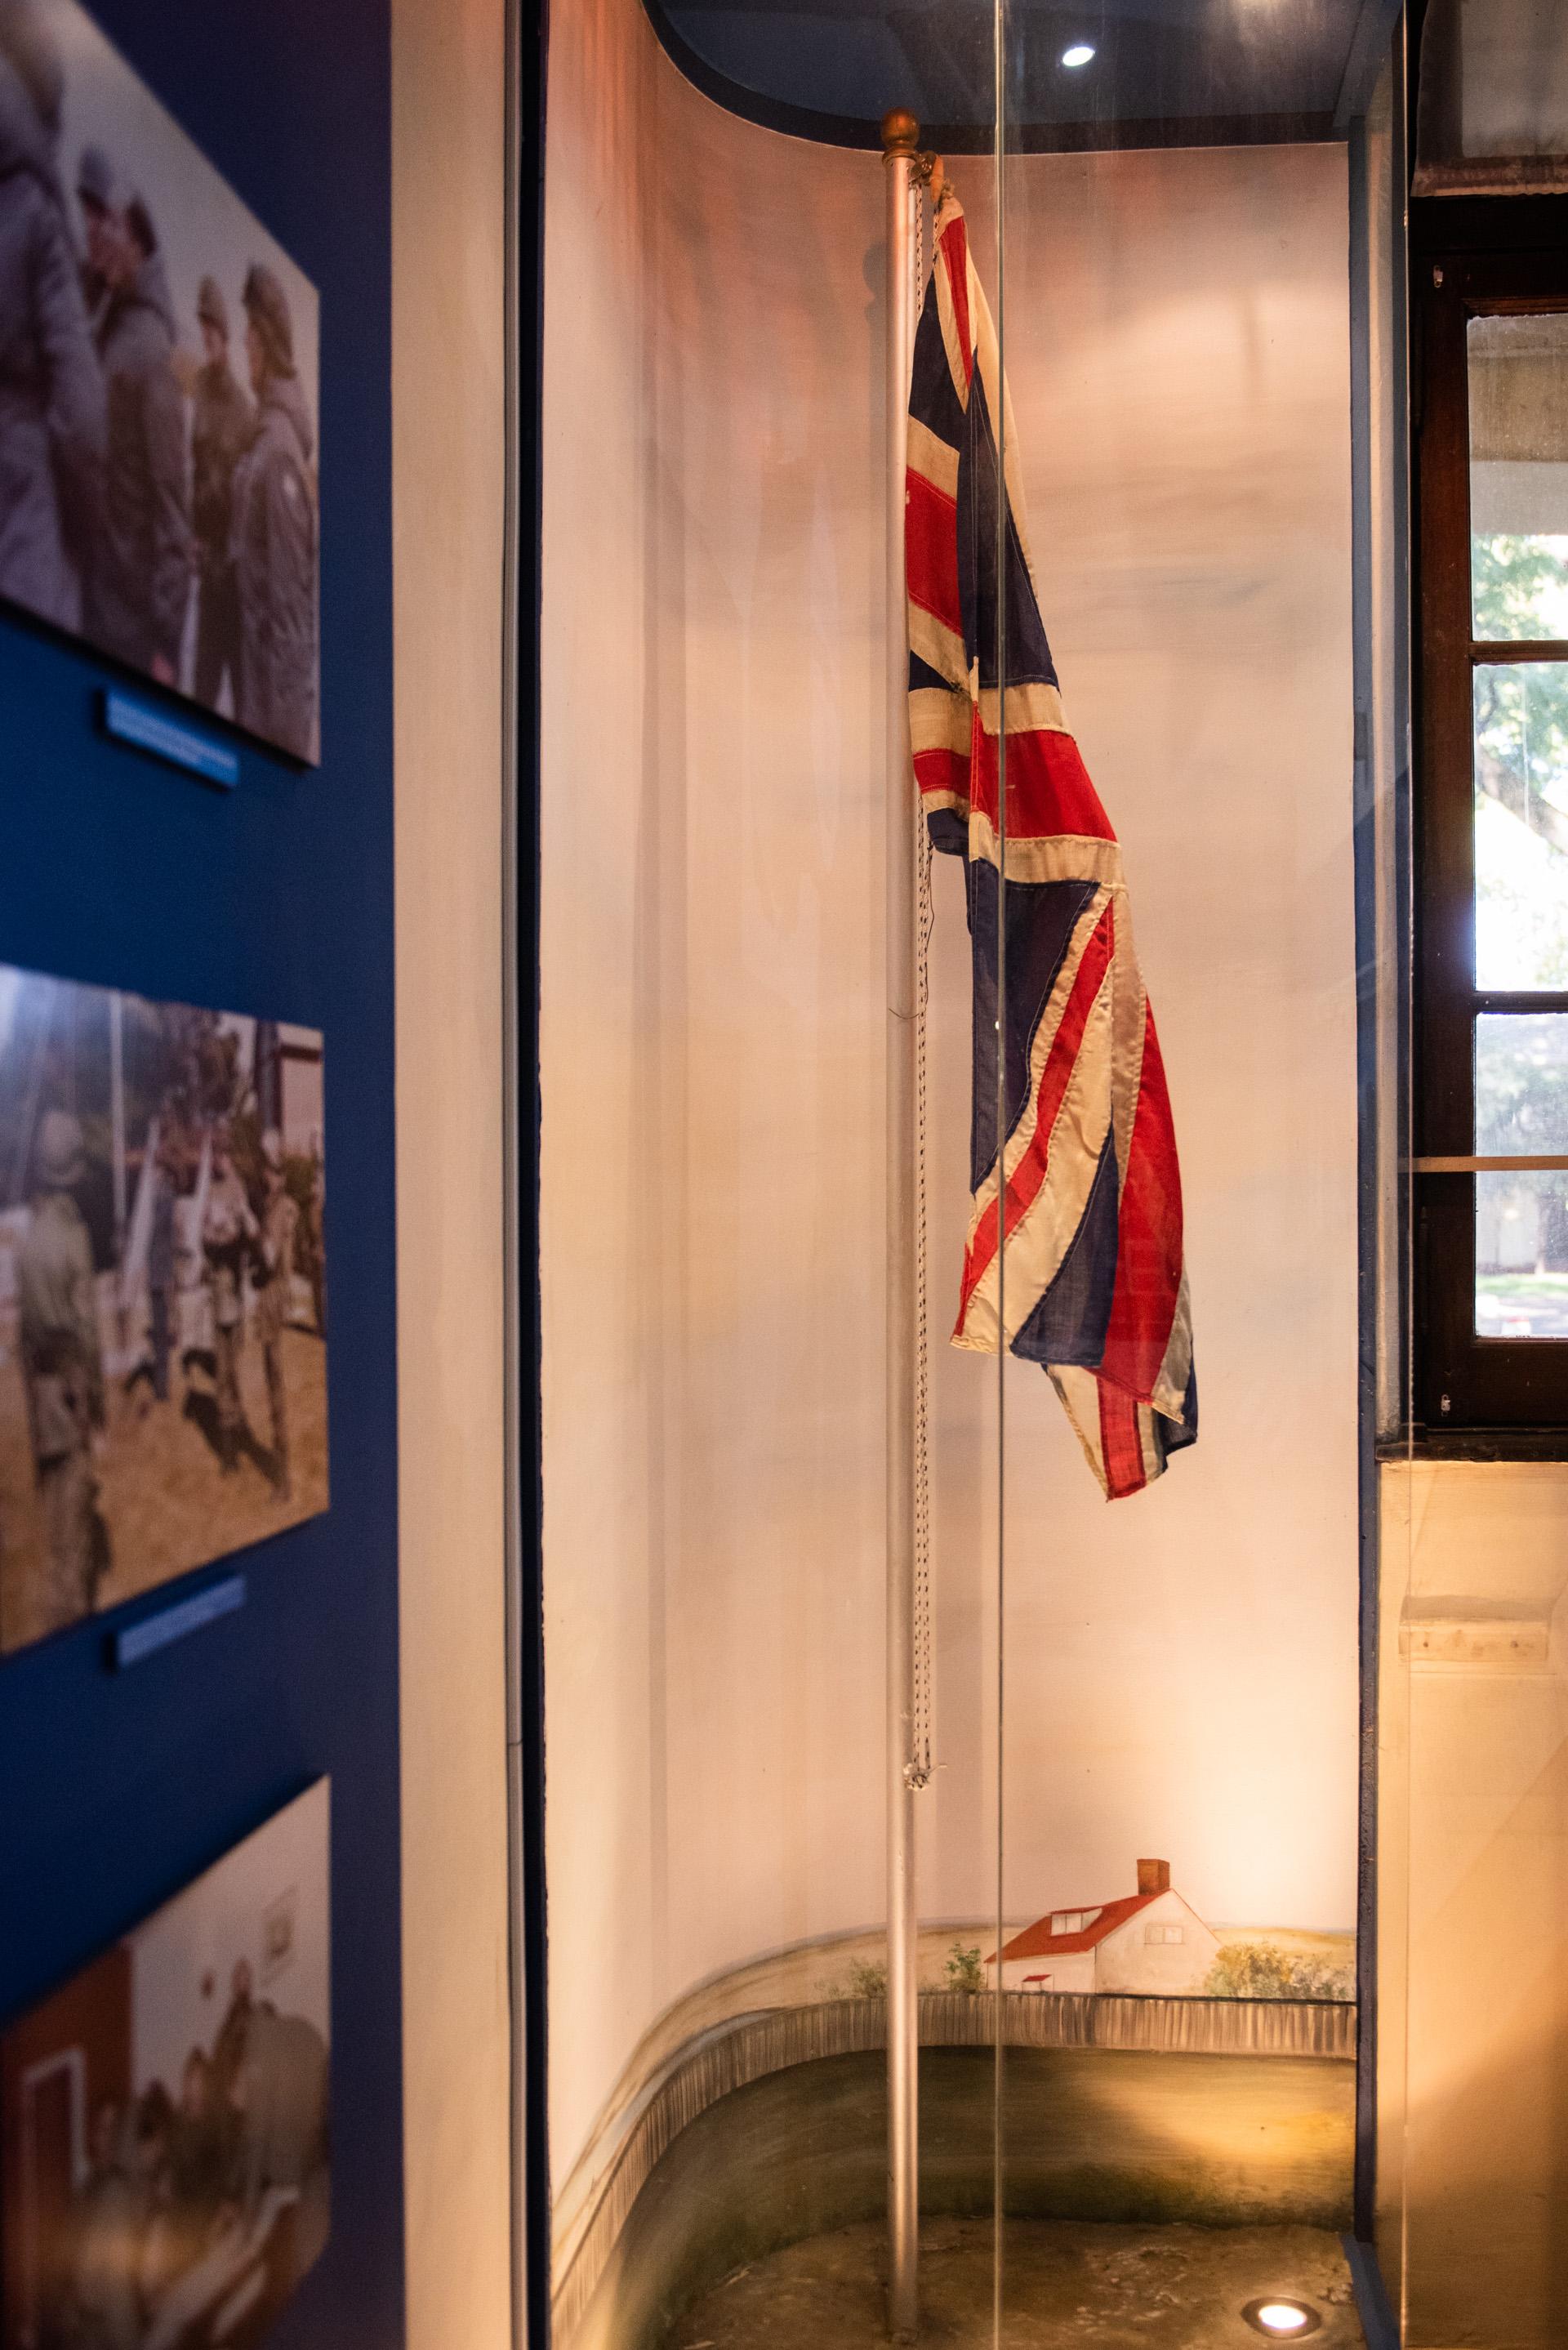 La bandera británica que flameaba el 2 de abril de 1982 en las Islas Malvinas que fue arriada y reemplazada por nuestro pabellón nacional